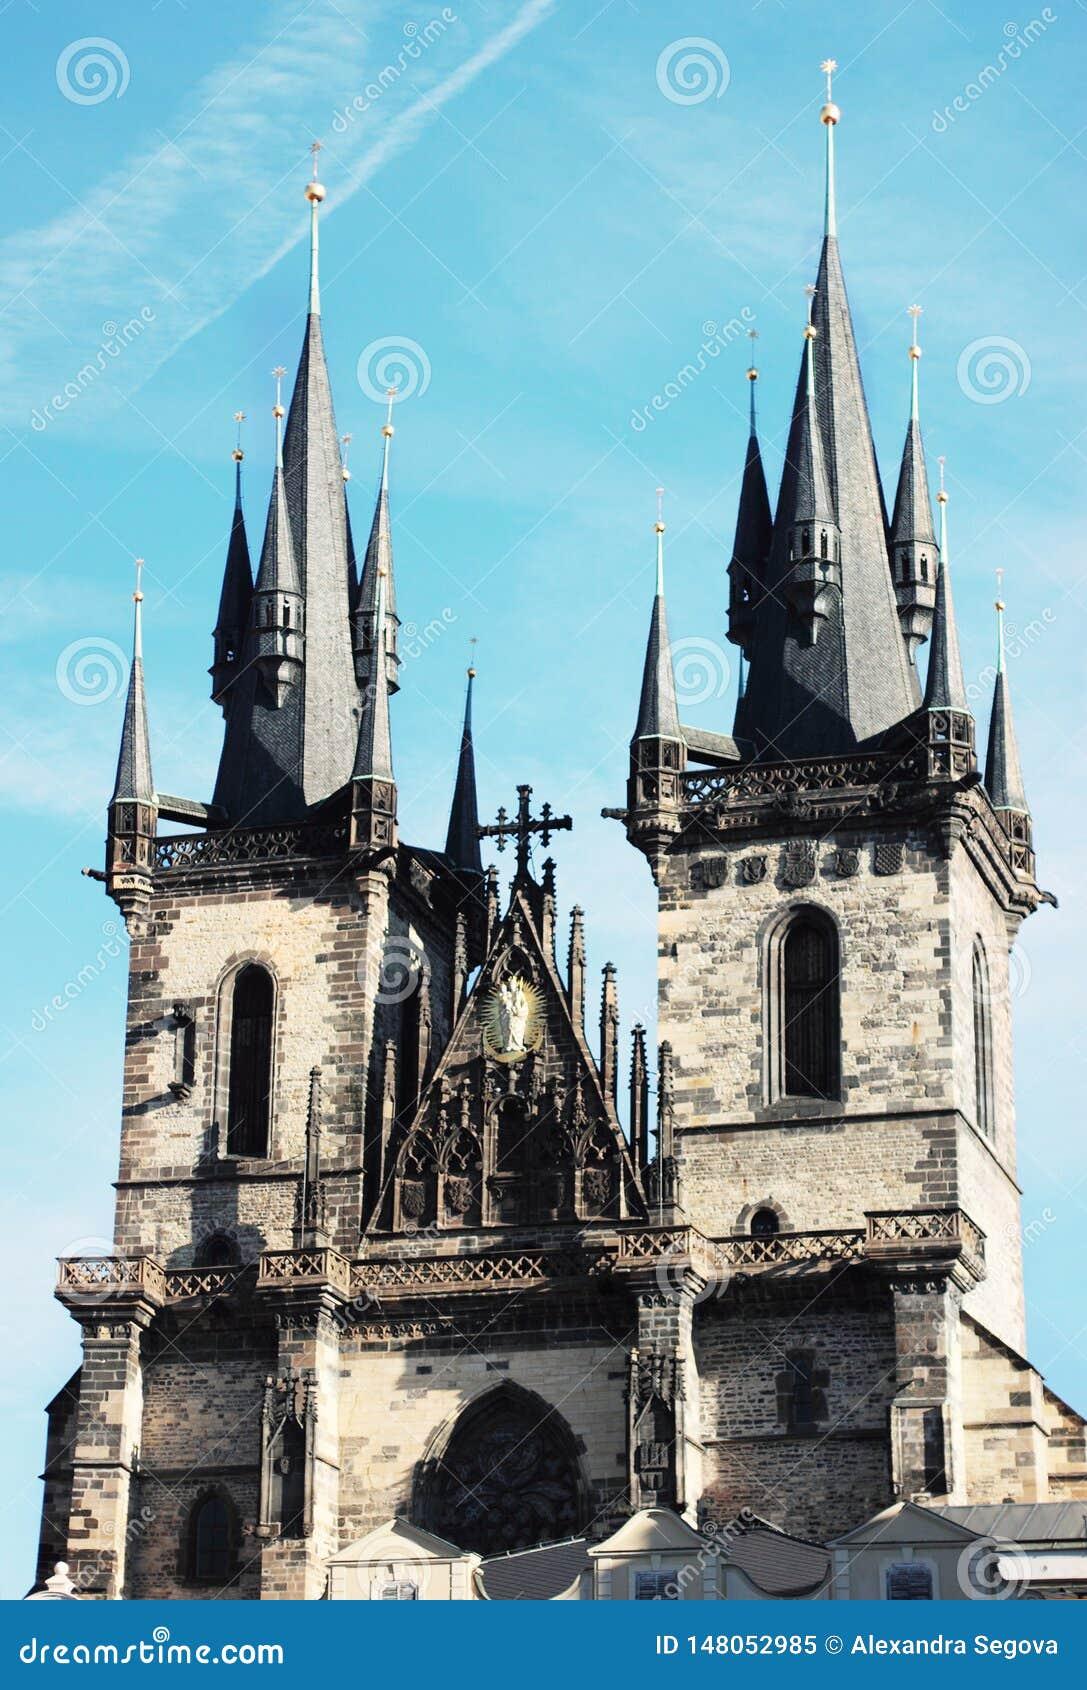 Två slotttorn i ljus blå himmel i Prague, Tjeckien Sightseen populärt Staromest